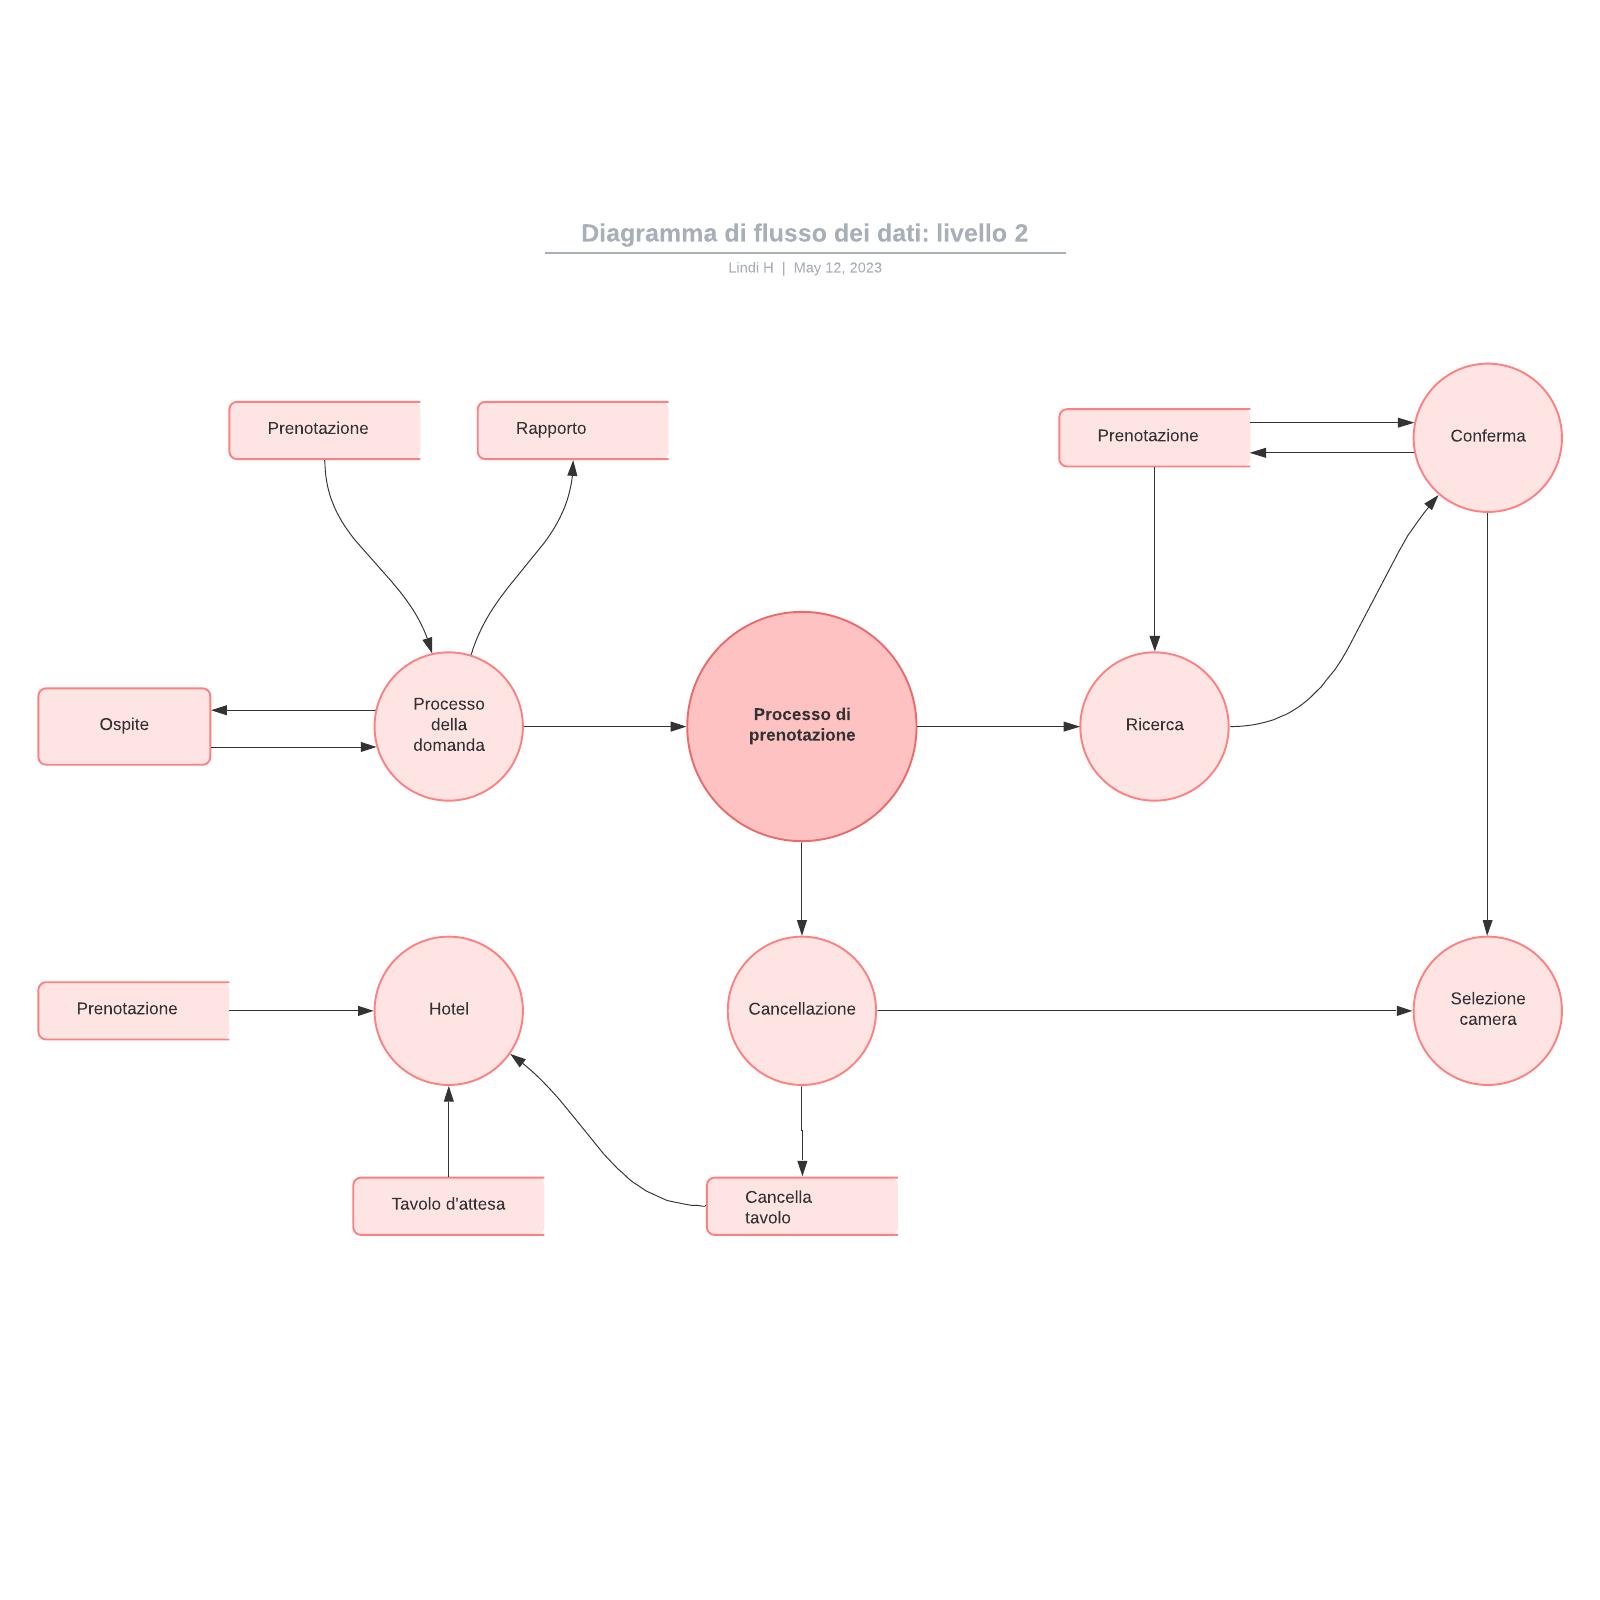 Diagramma di flusso dei dati: livello 2